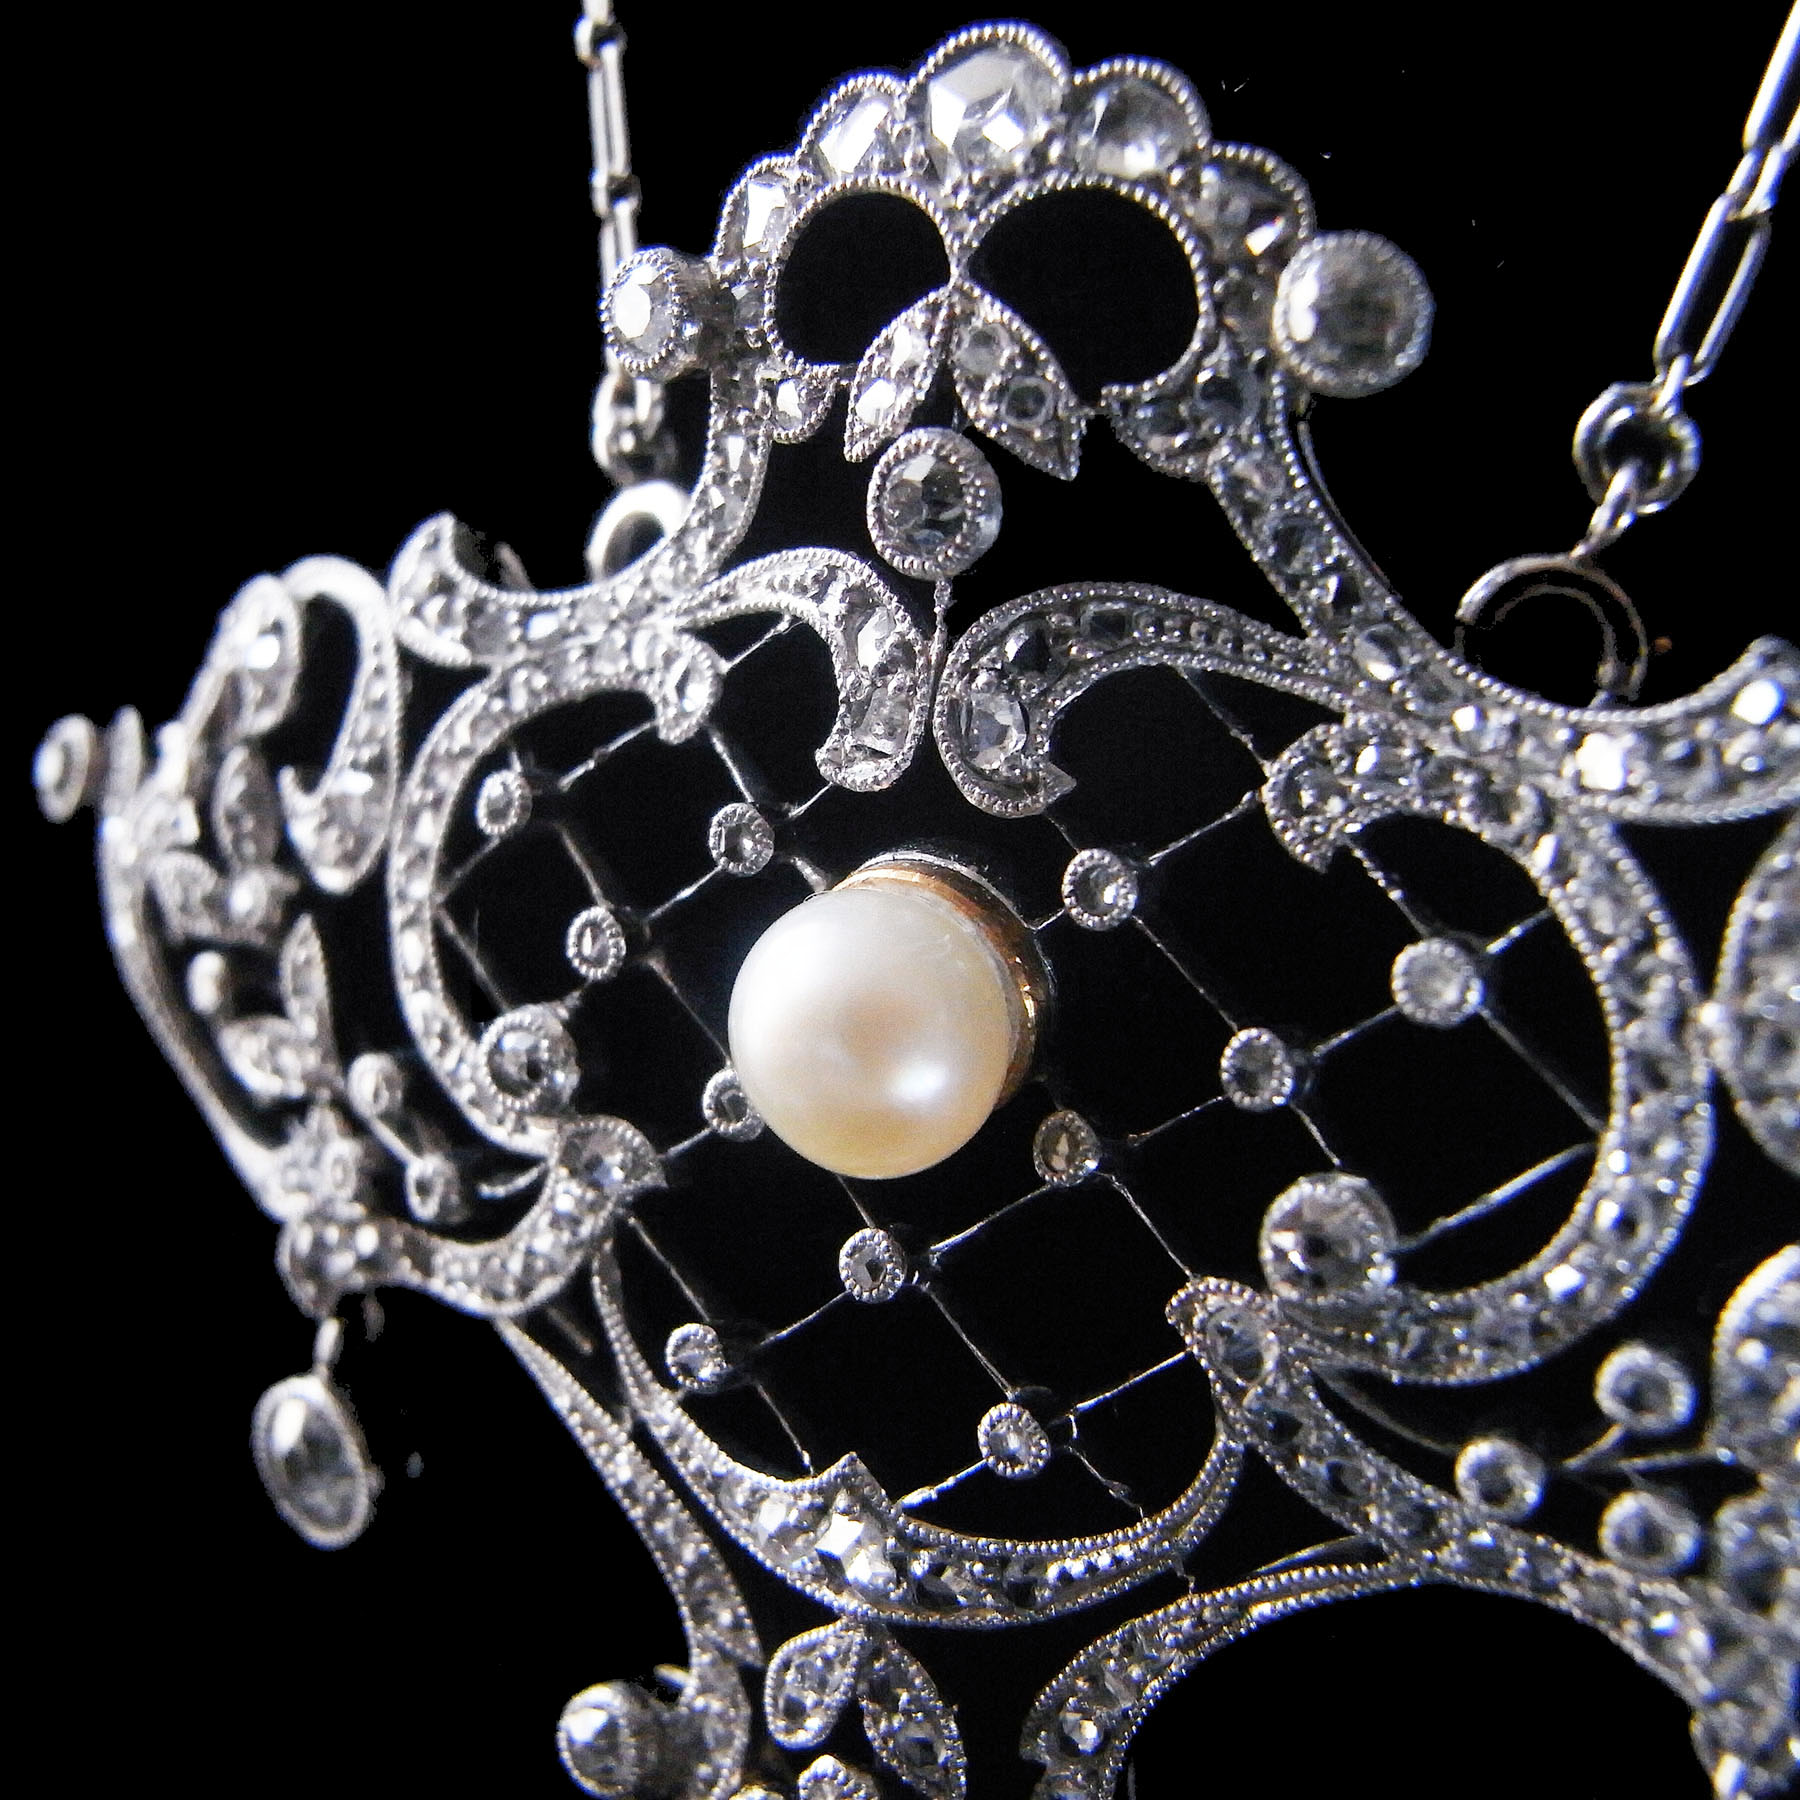 天然真珠とダイヤモンドのアンティークペンダント